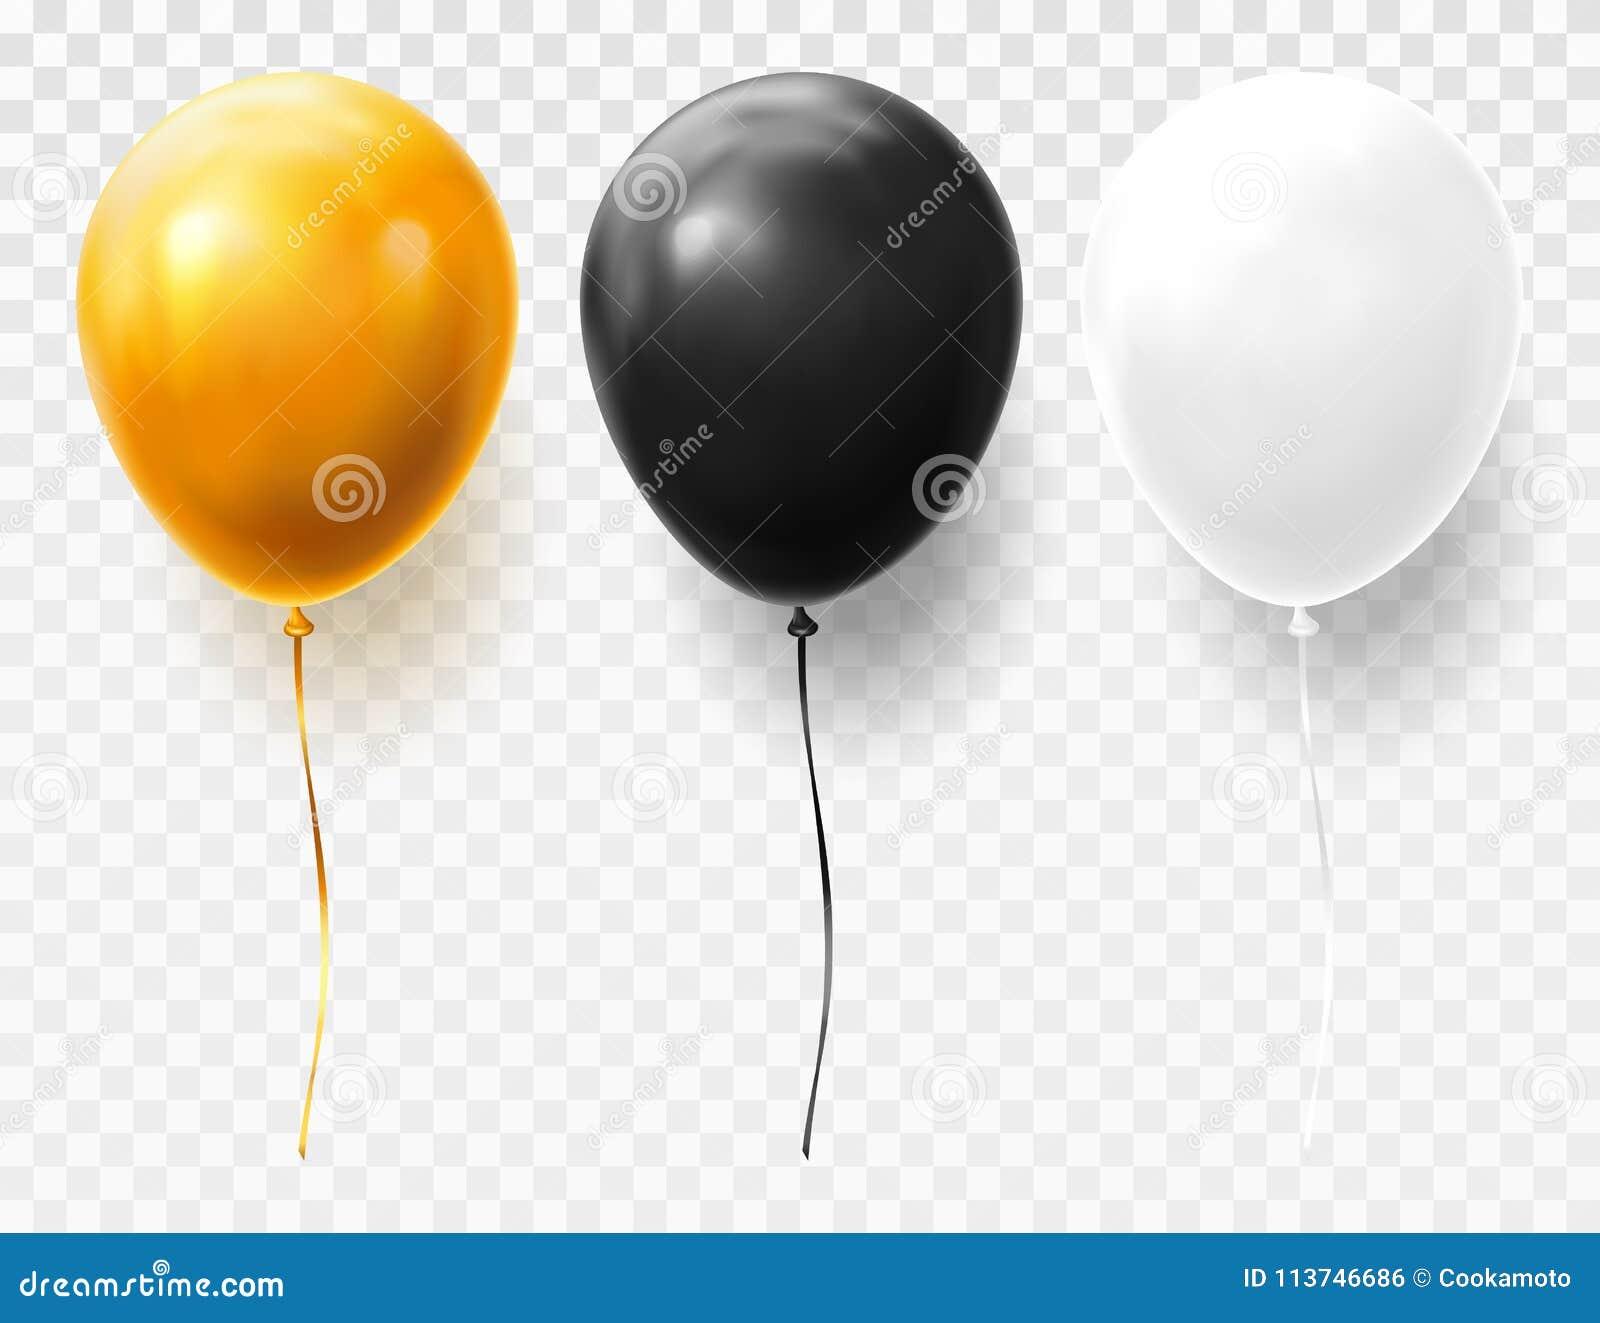 Ρεαλιστικά και ογκομετρικά μπαλόνια σε διαφανή